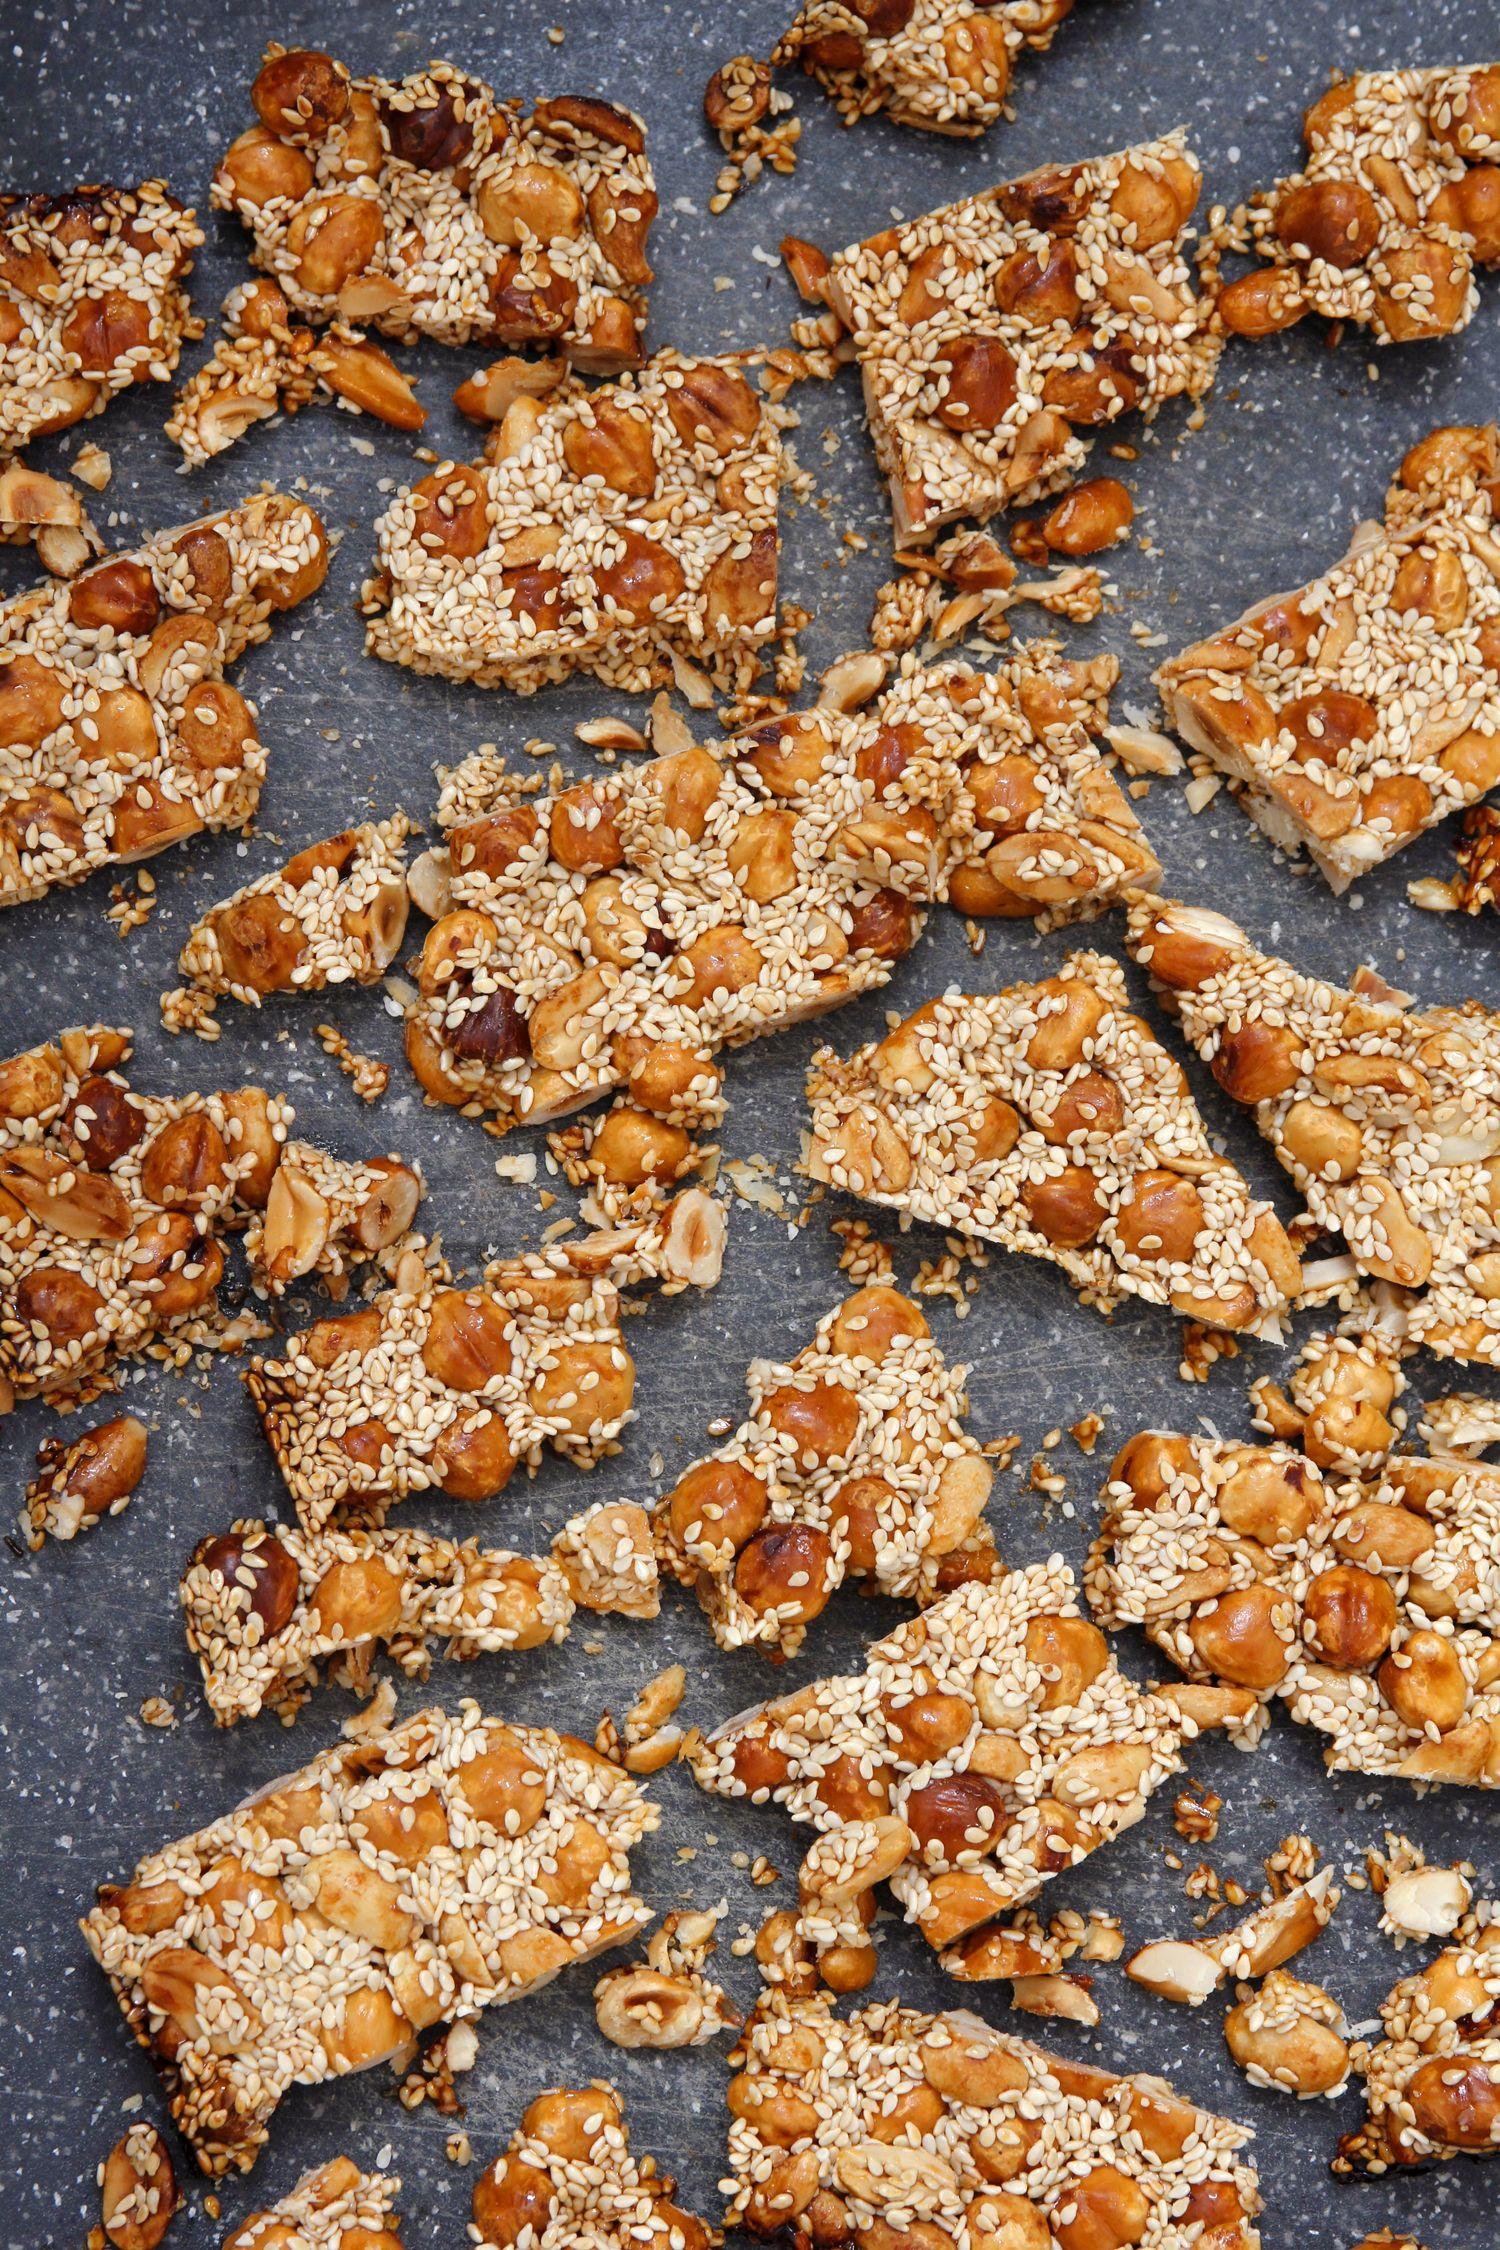 Sesame Nut Brittle